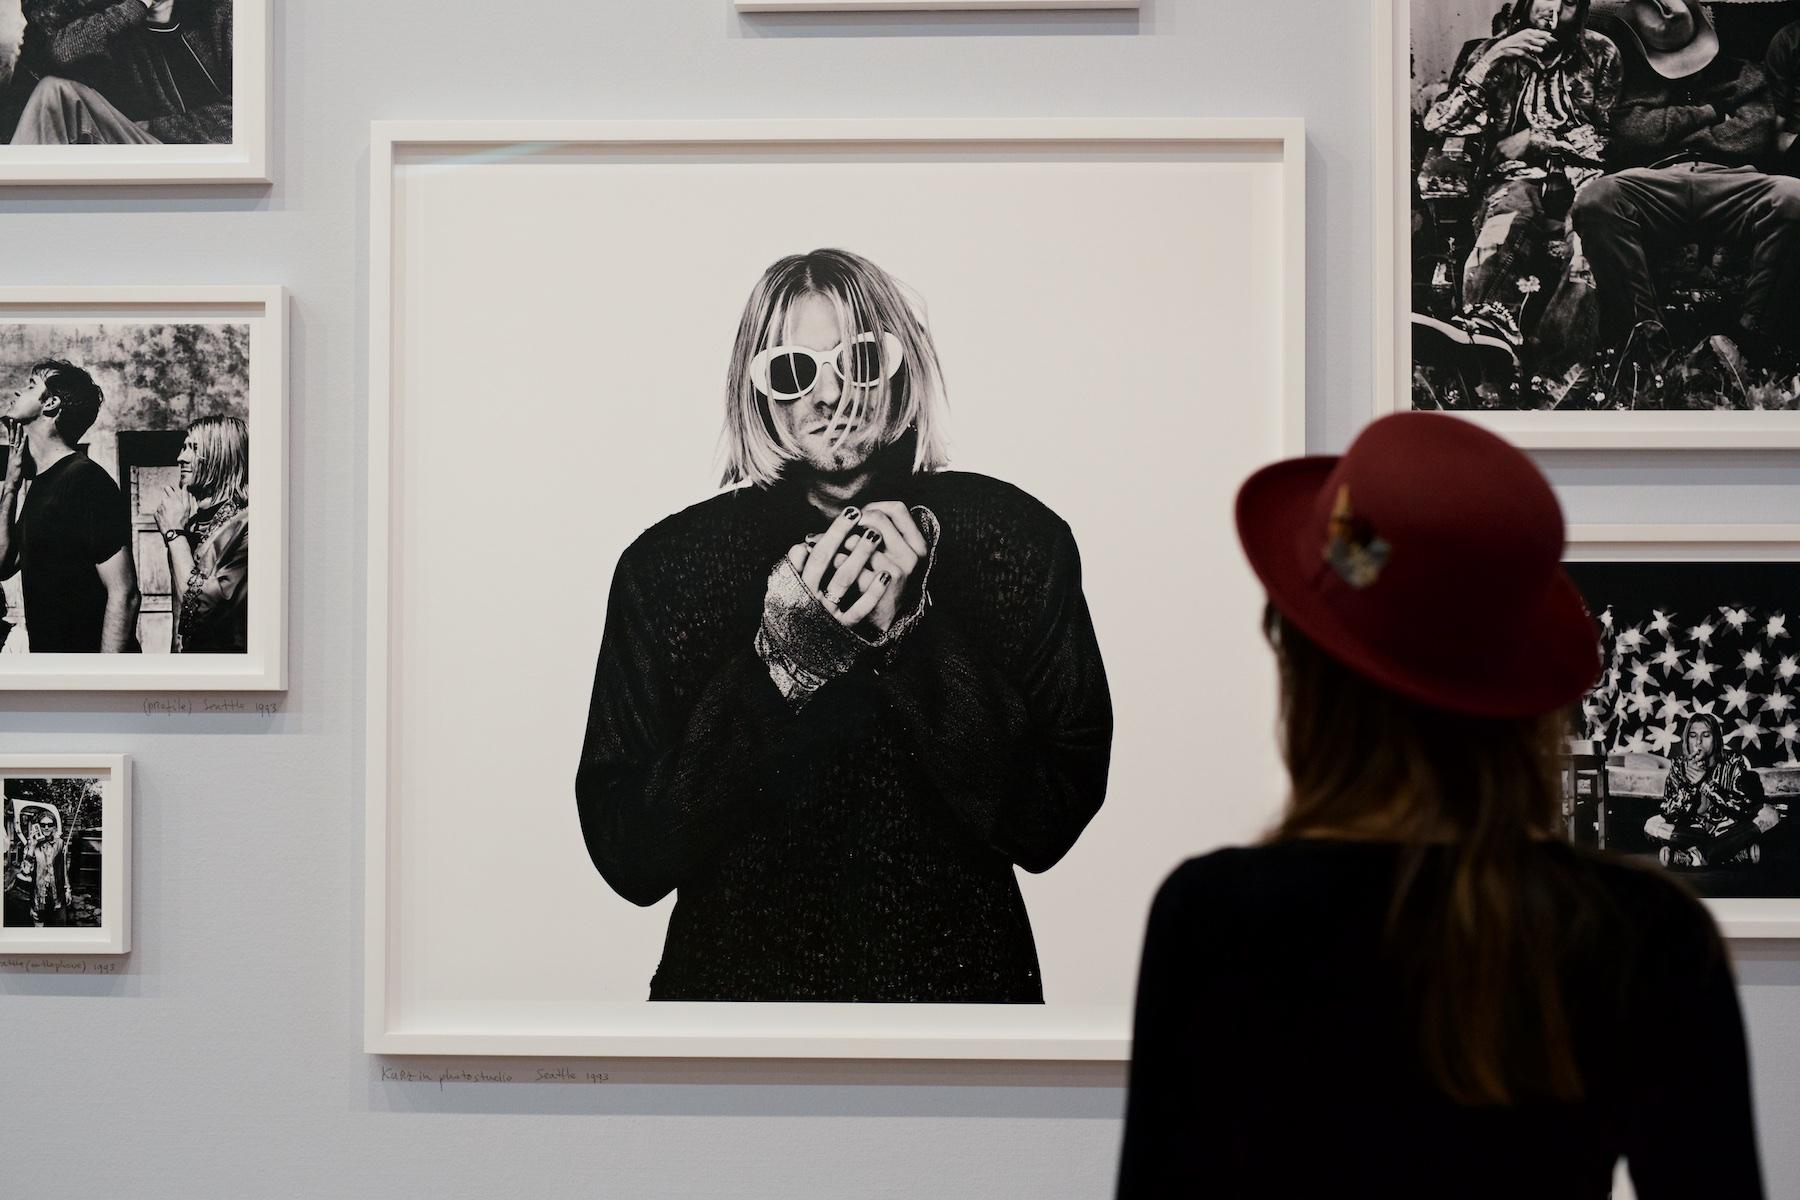 Anton Corbijn, Gemeentemuseum Den haag, Kurt Cobain